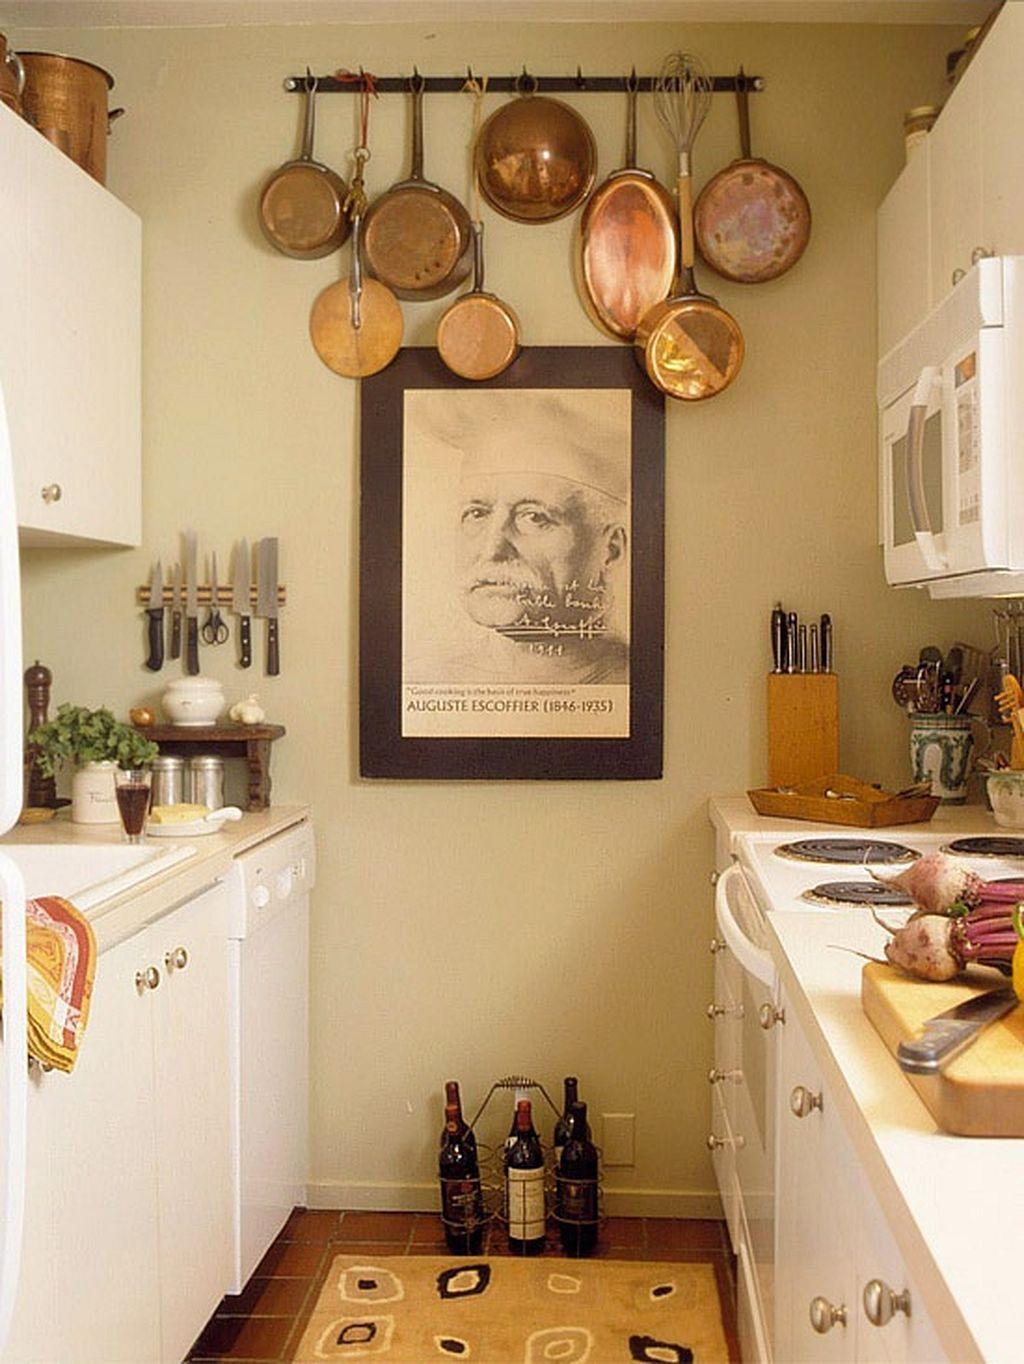 30 Best Apartment Decorating Ideas | Apartments decorating ...